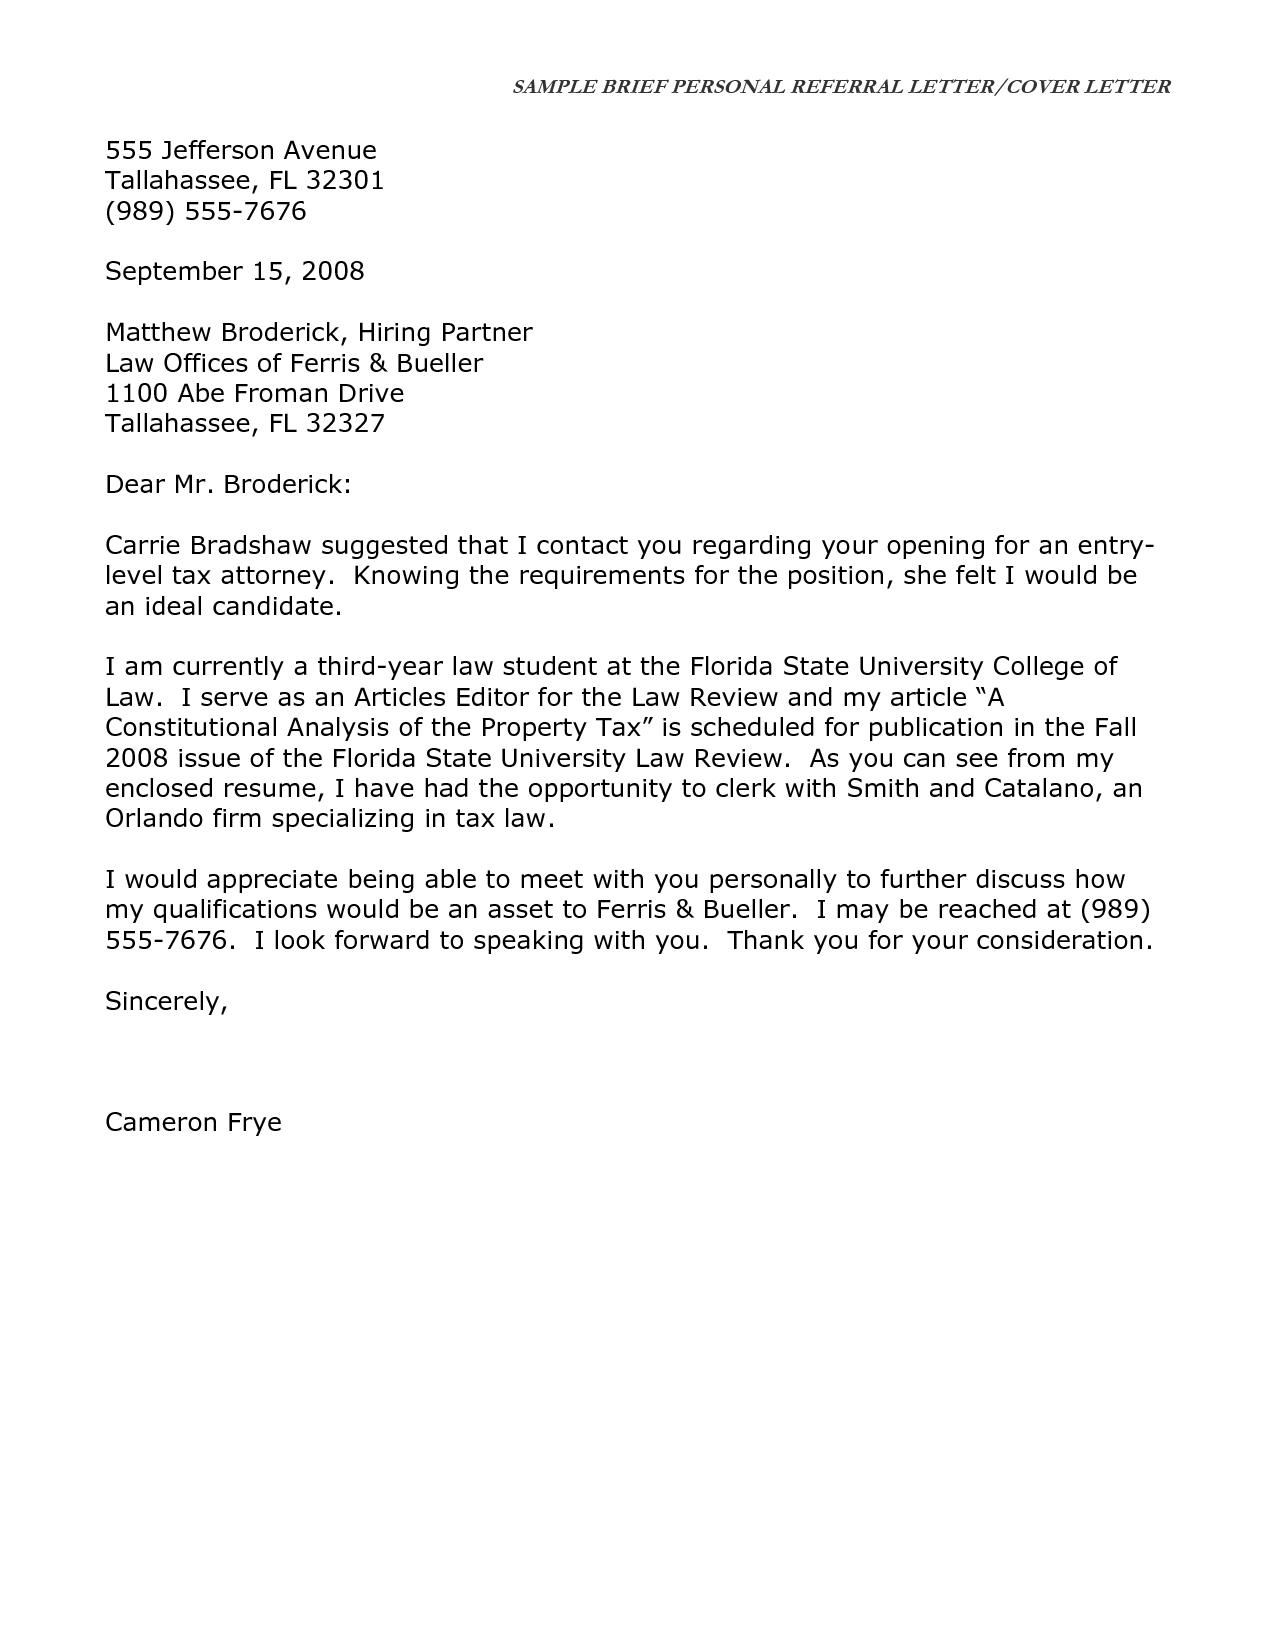 Journal 4 Cover Letter 3  mariasuprenant